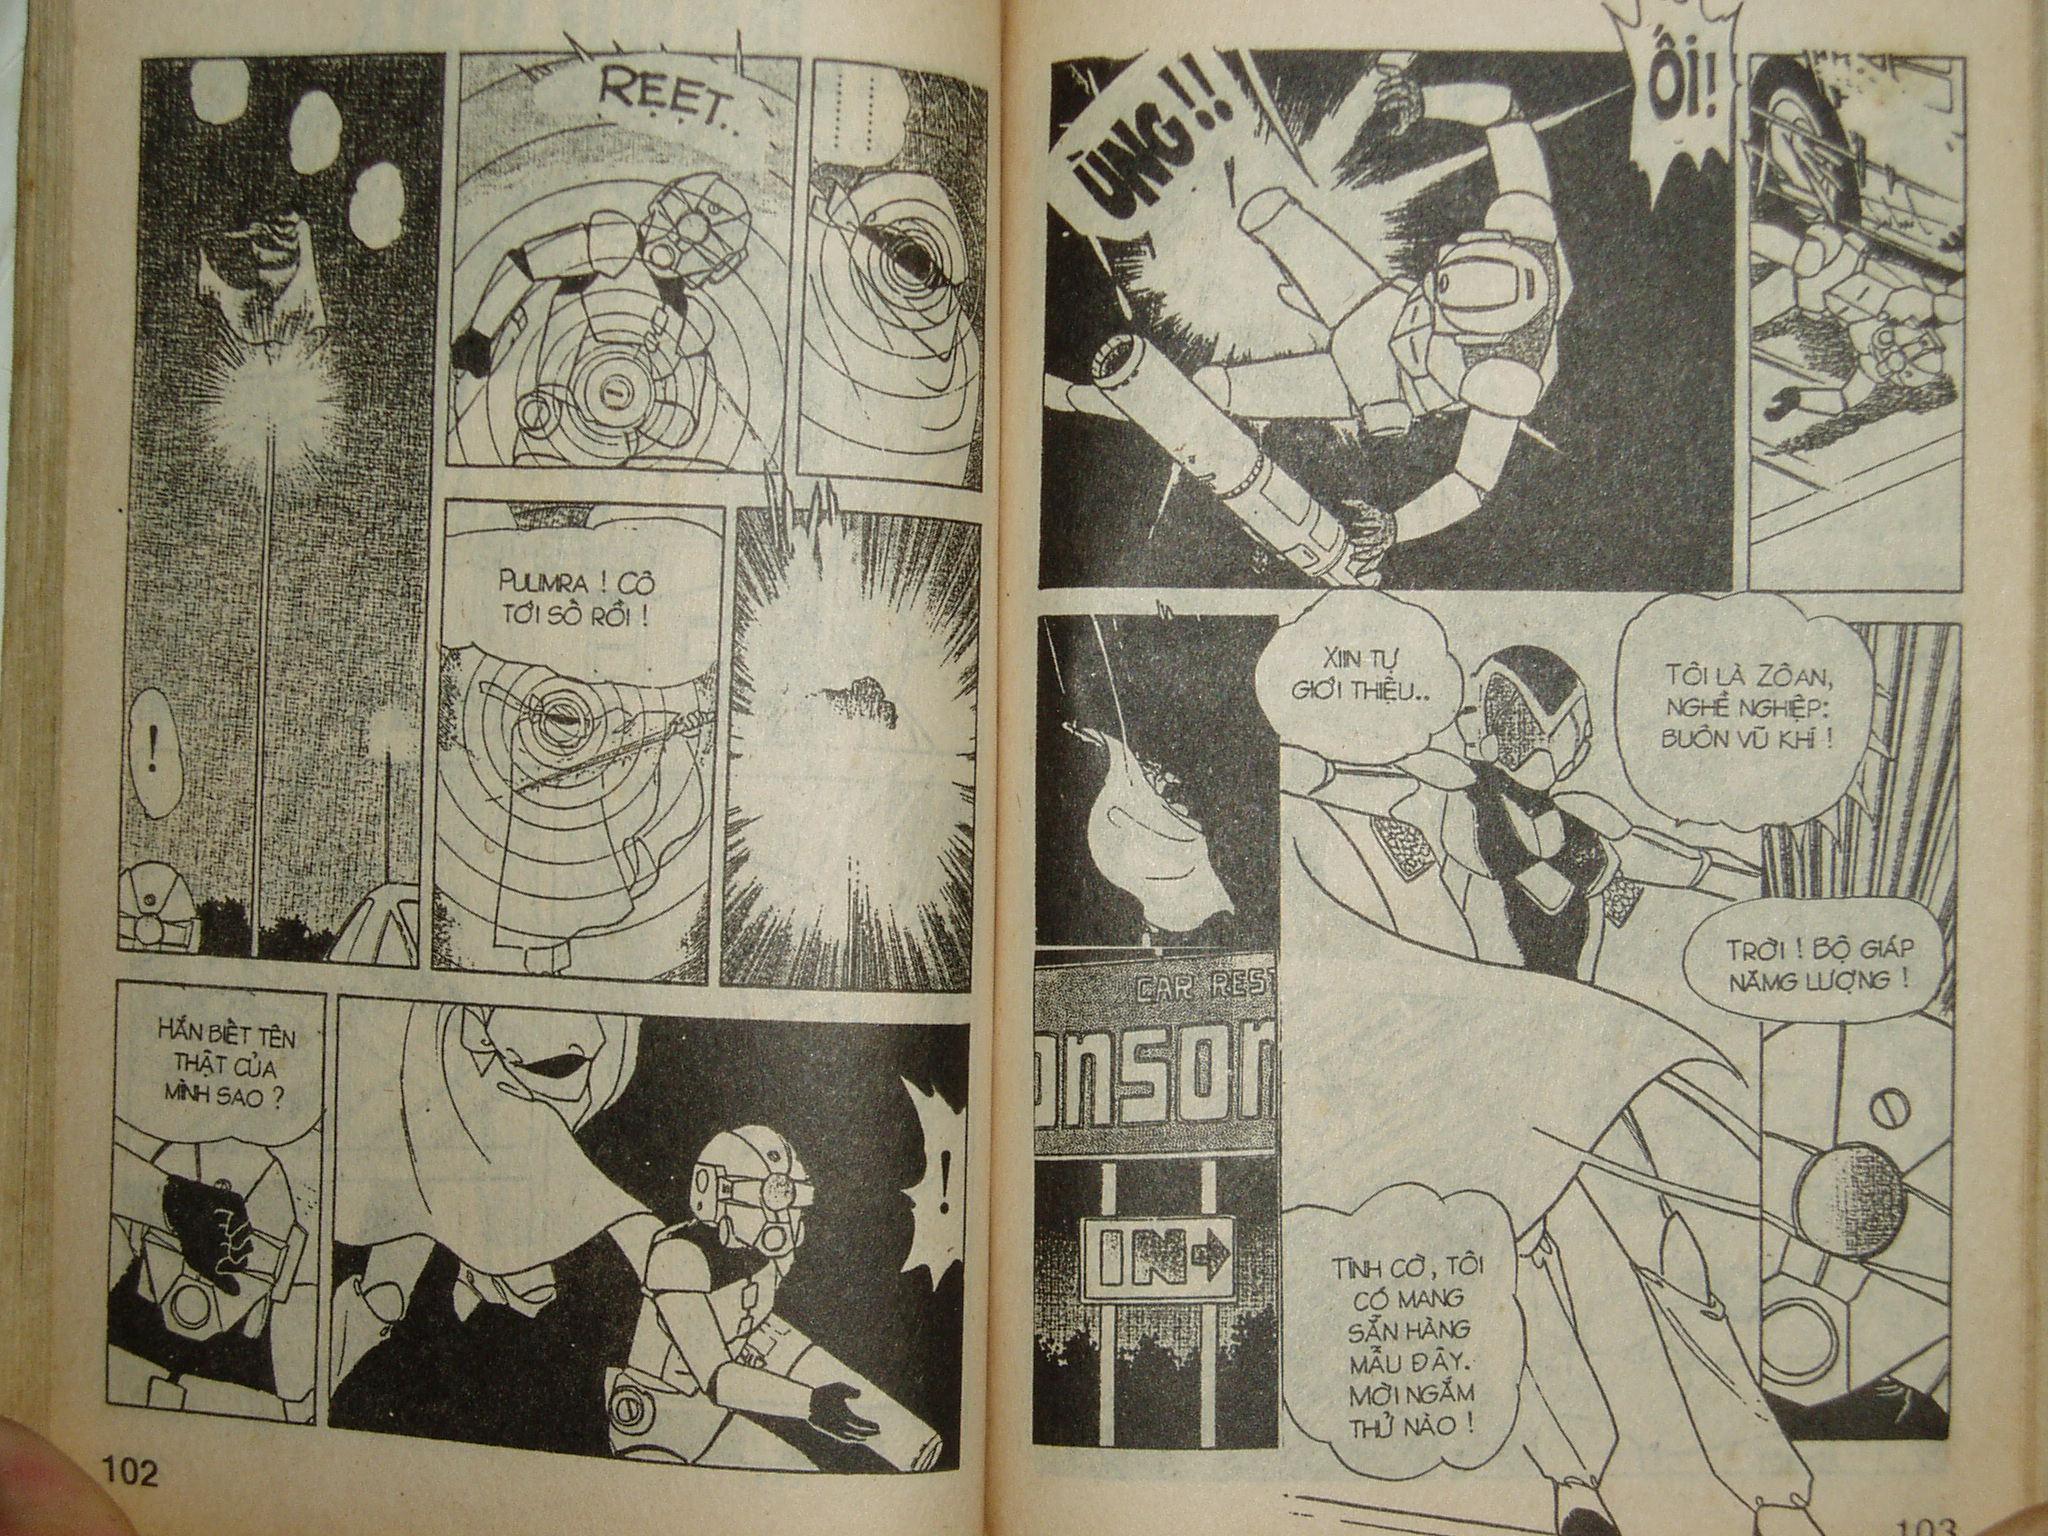 Siêu nhân Locke vol 16 trang 50